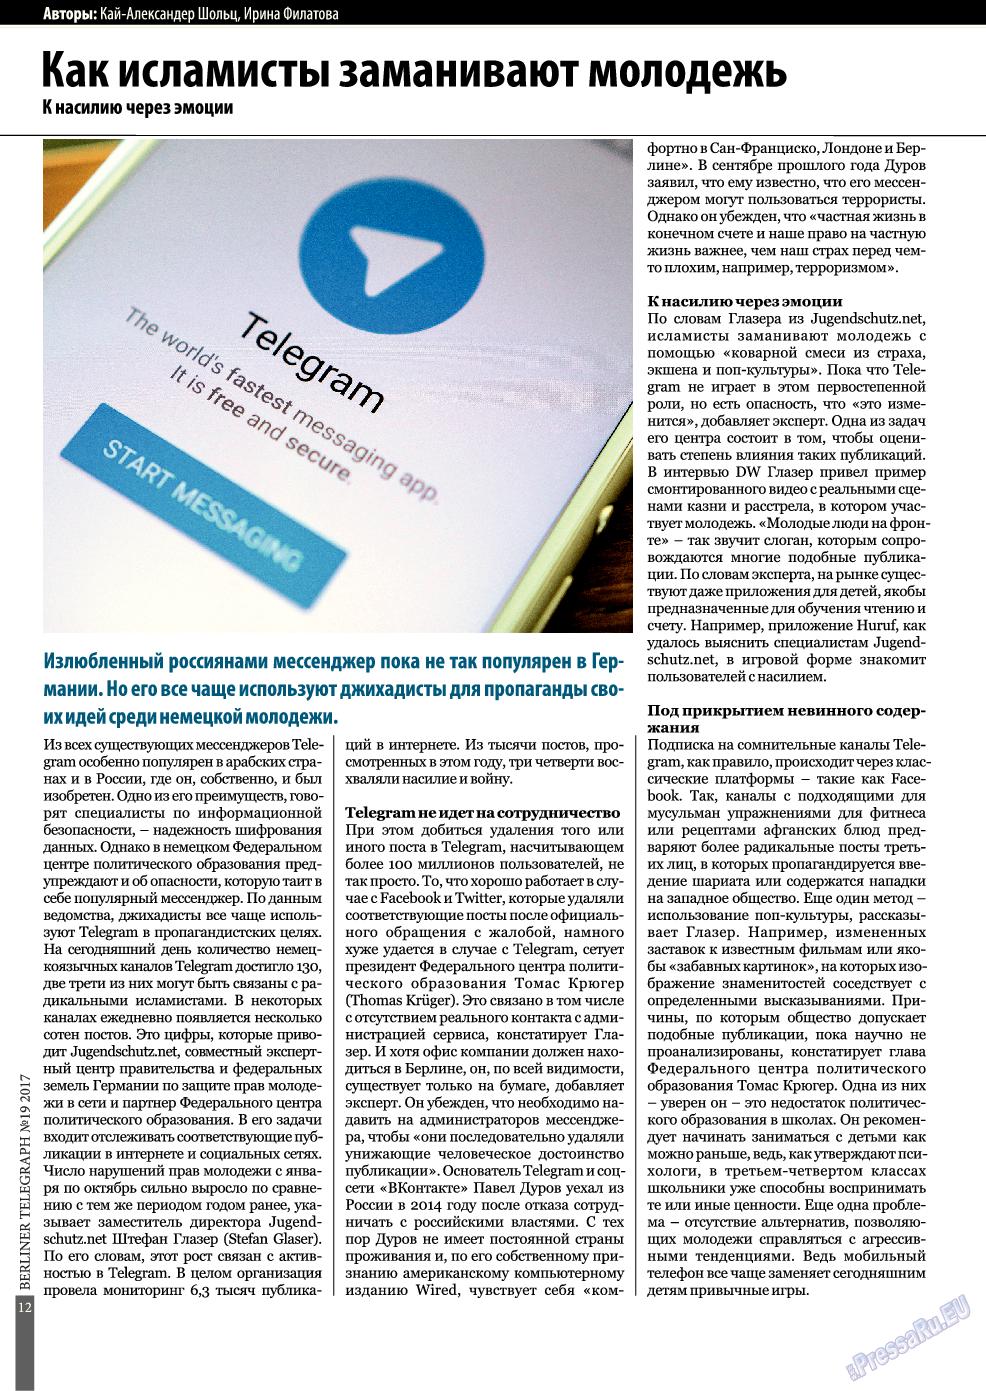 Берлинский телеграф (журнал). 2017 год, номер 19, стр. 12